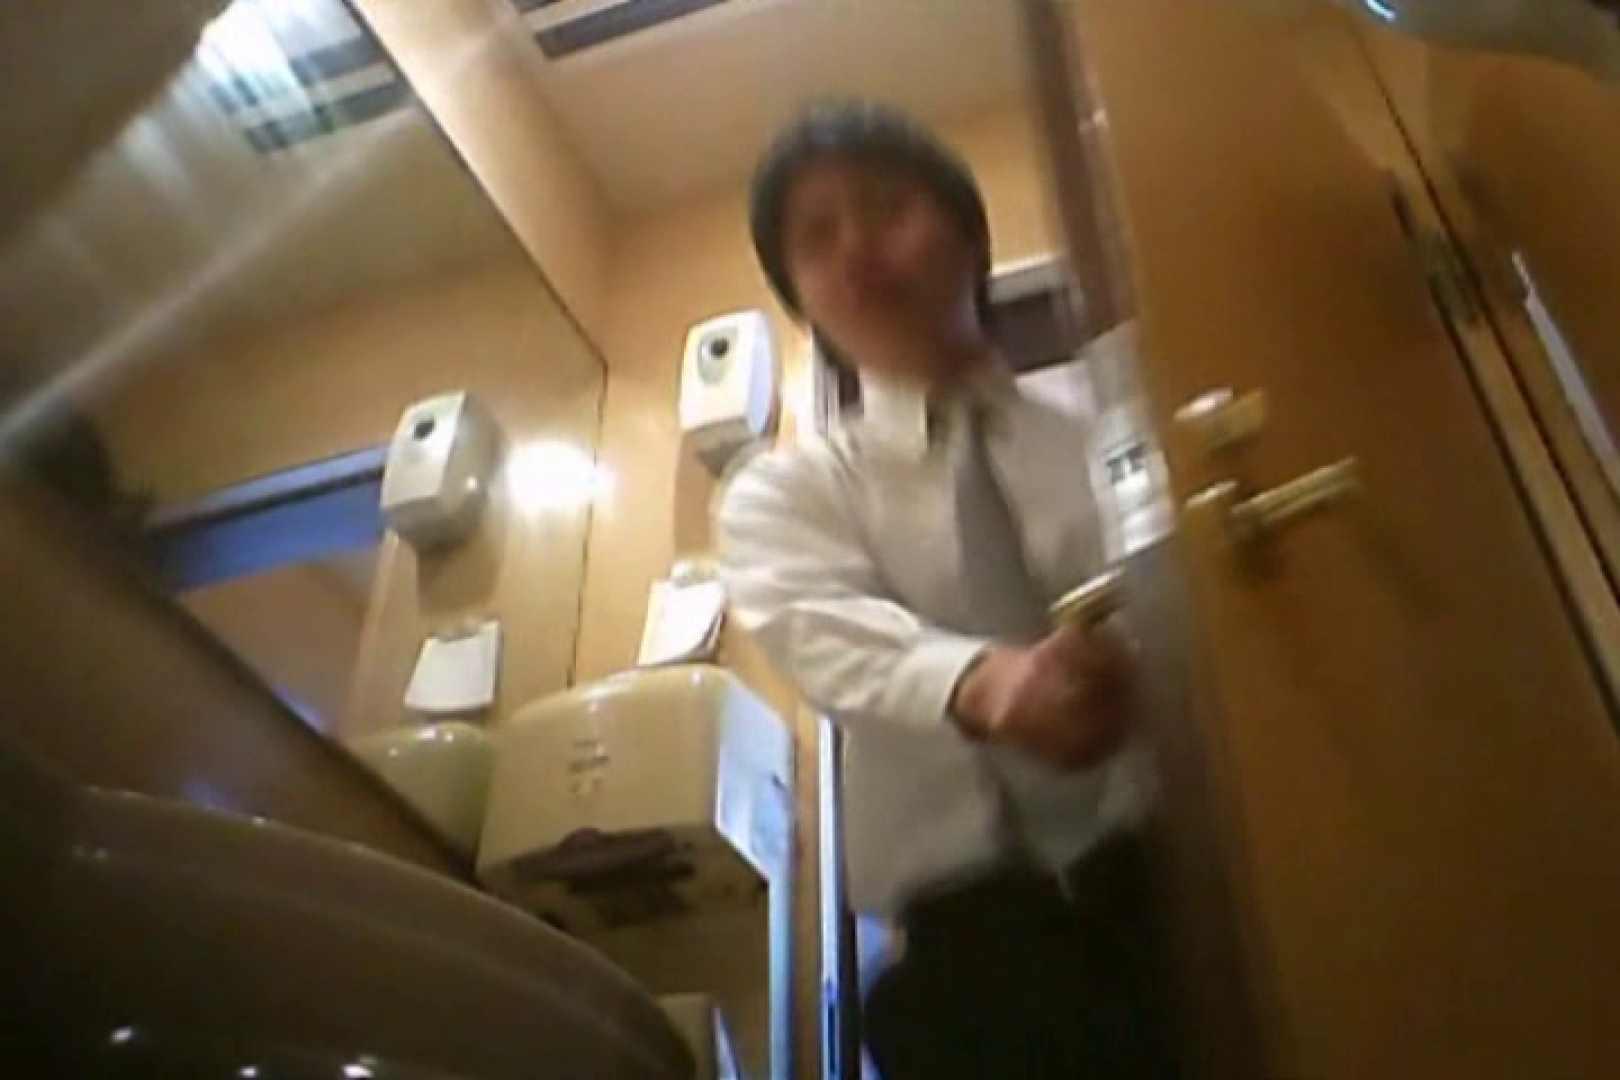 SEASON 3rd!掴み取りさんの洗面所覗き!in新幹線!VOL.20 スーツボーイズ | ボーイズ私服  65pic 45